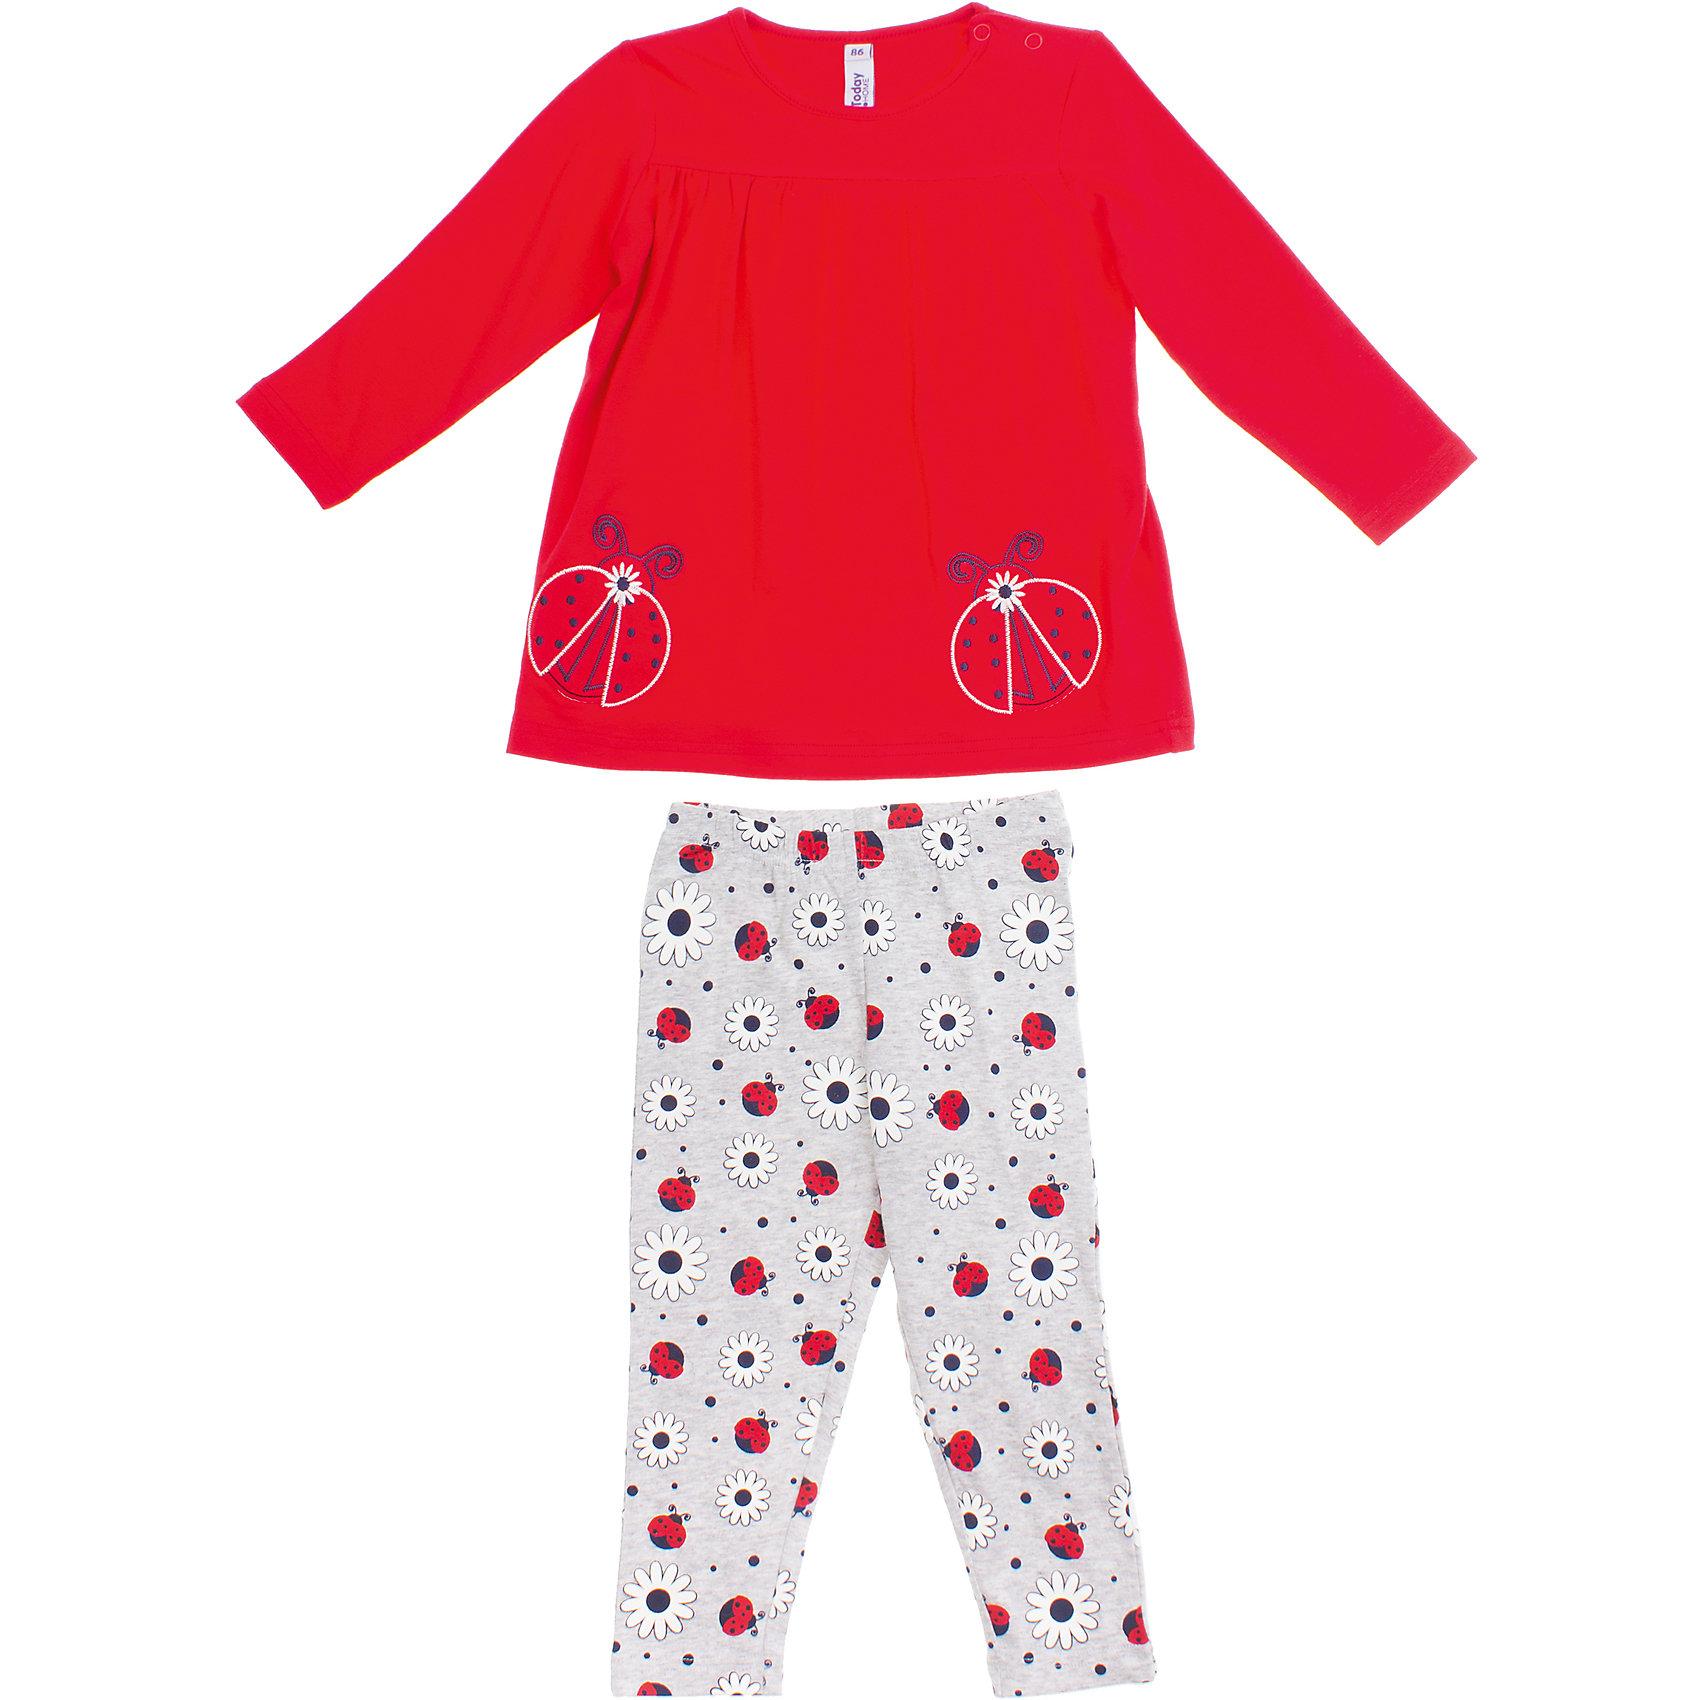 Комплект: футболка и леггинсы для девочки PlayTodayКомплект: футболка и леггинсы для девочки PlayToday <br><br>Состав: 95% хлопок, 5% эластан <br><br>Футболка:<br>Застежки-кнопки на плече<br>Украшена аппликацией и вышивкой с божьими коровками<br>Удлиненная модель<br>Брюки:<br>Ткань в набивку с бодьими коровками и ромашками<br>Цвет - серый меланж<br>Пояс на резинке<br><br>Ширина мм: 199<br>Глубина мм: 10<br>Высота мм: 161<br>Вес г: 151<br>Цвет: красный<br>Возраст от месяцев: 9<br>Возраст до месяцев: 12<br>Пол: Женский<br>Возраст: Детский<br>Размер: 74,80,86,92<br>SKU: 4503155